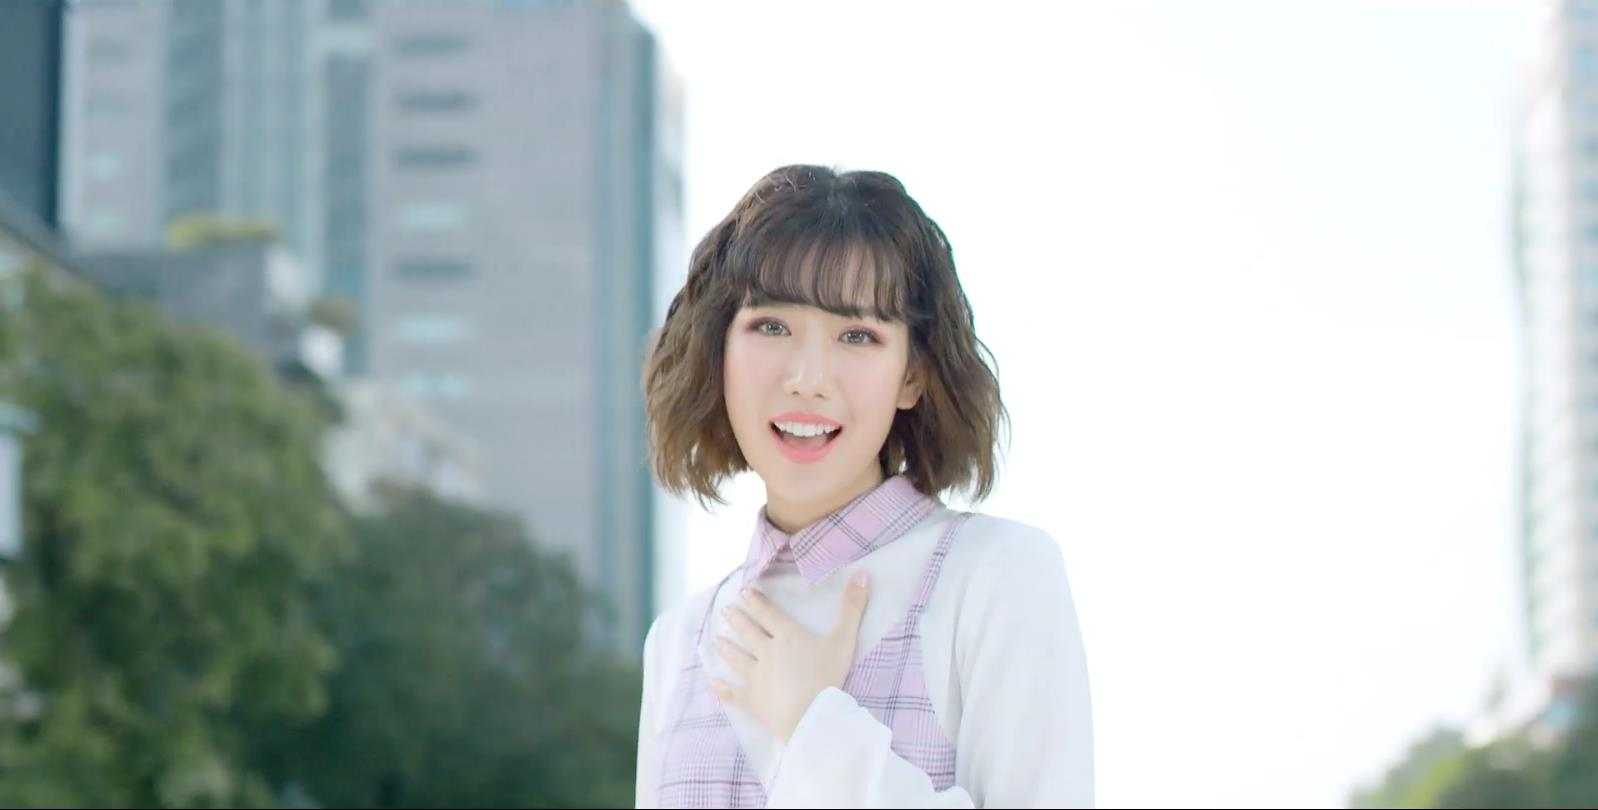 Truy tìm 6 cô gái toả sáng cùng MIN trong MV đẹp như mơ - Ảnh 5.